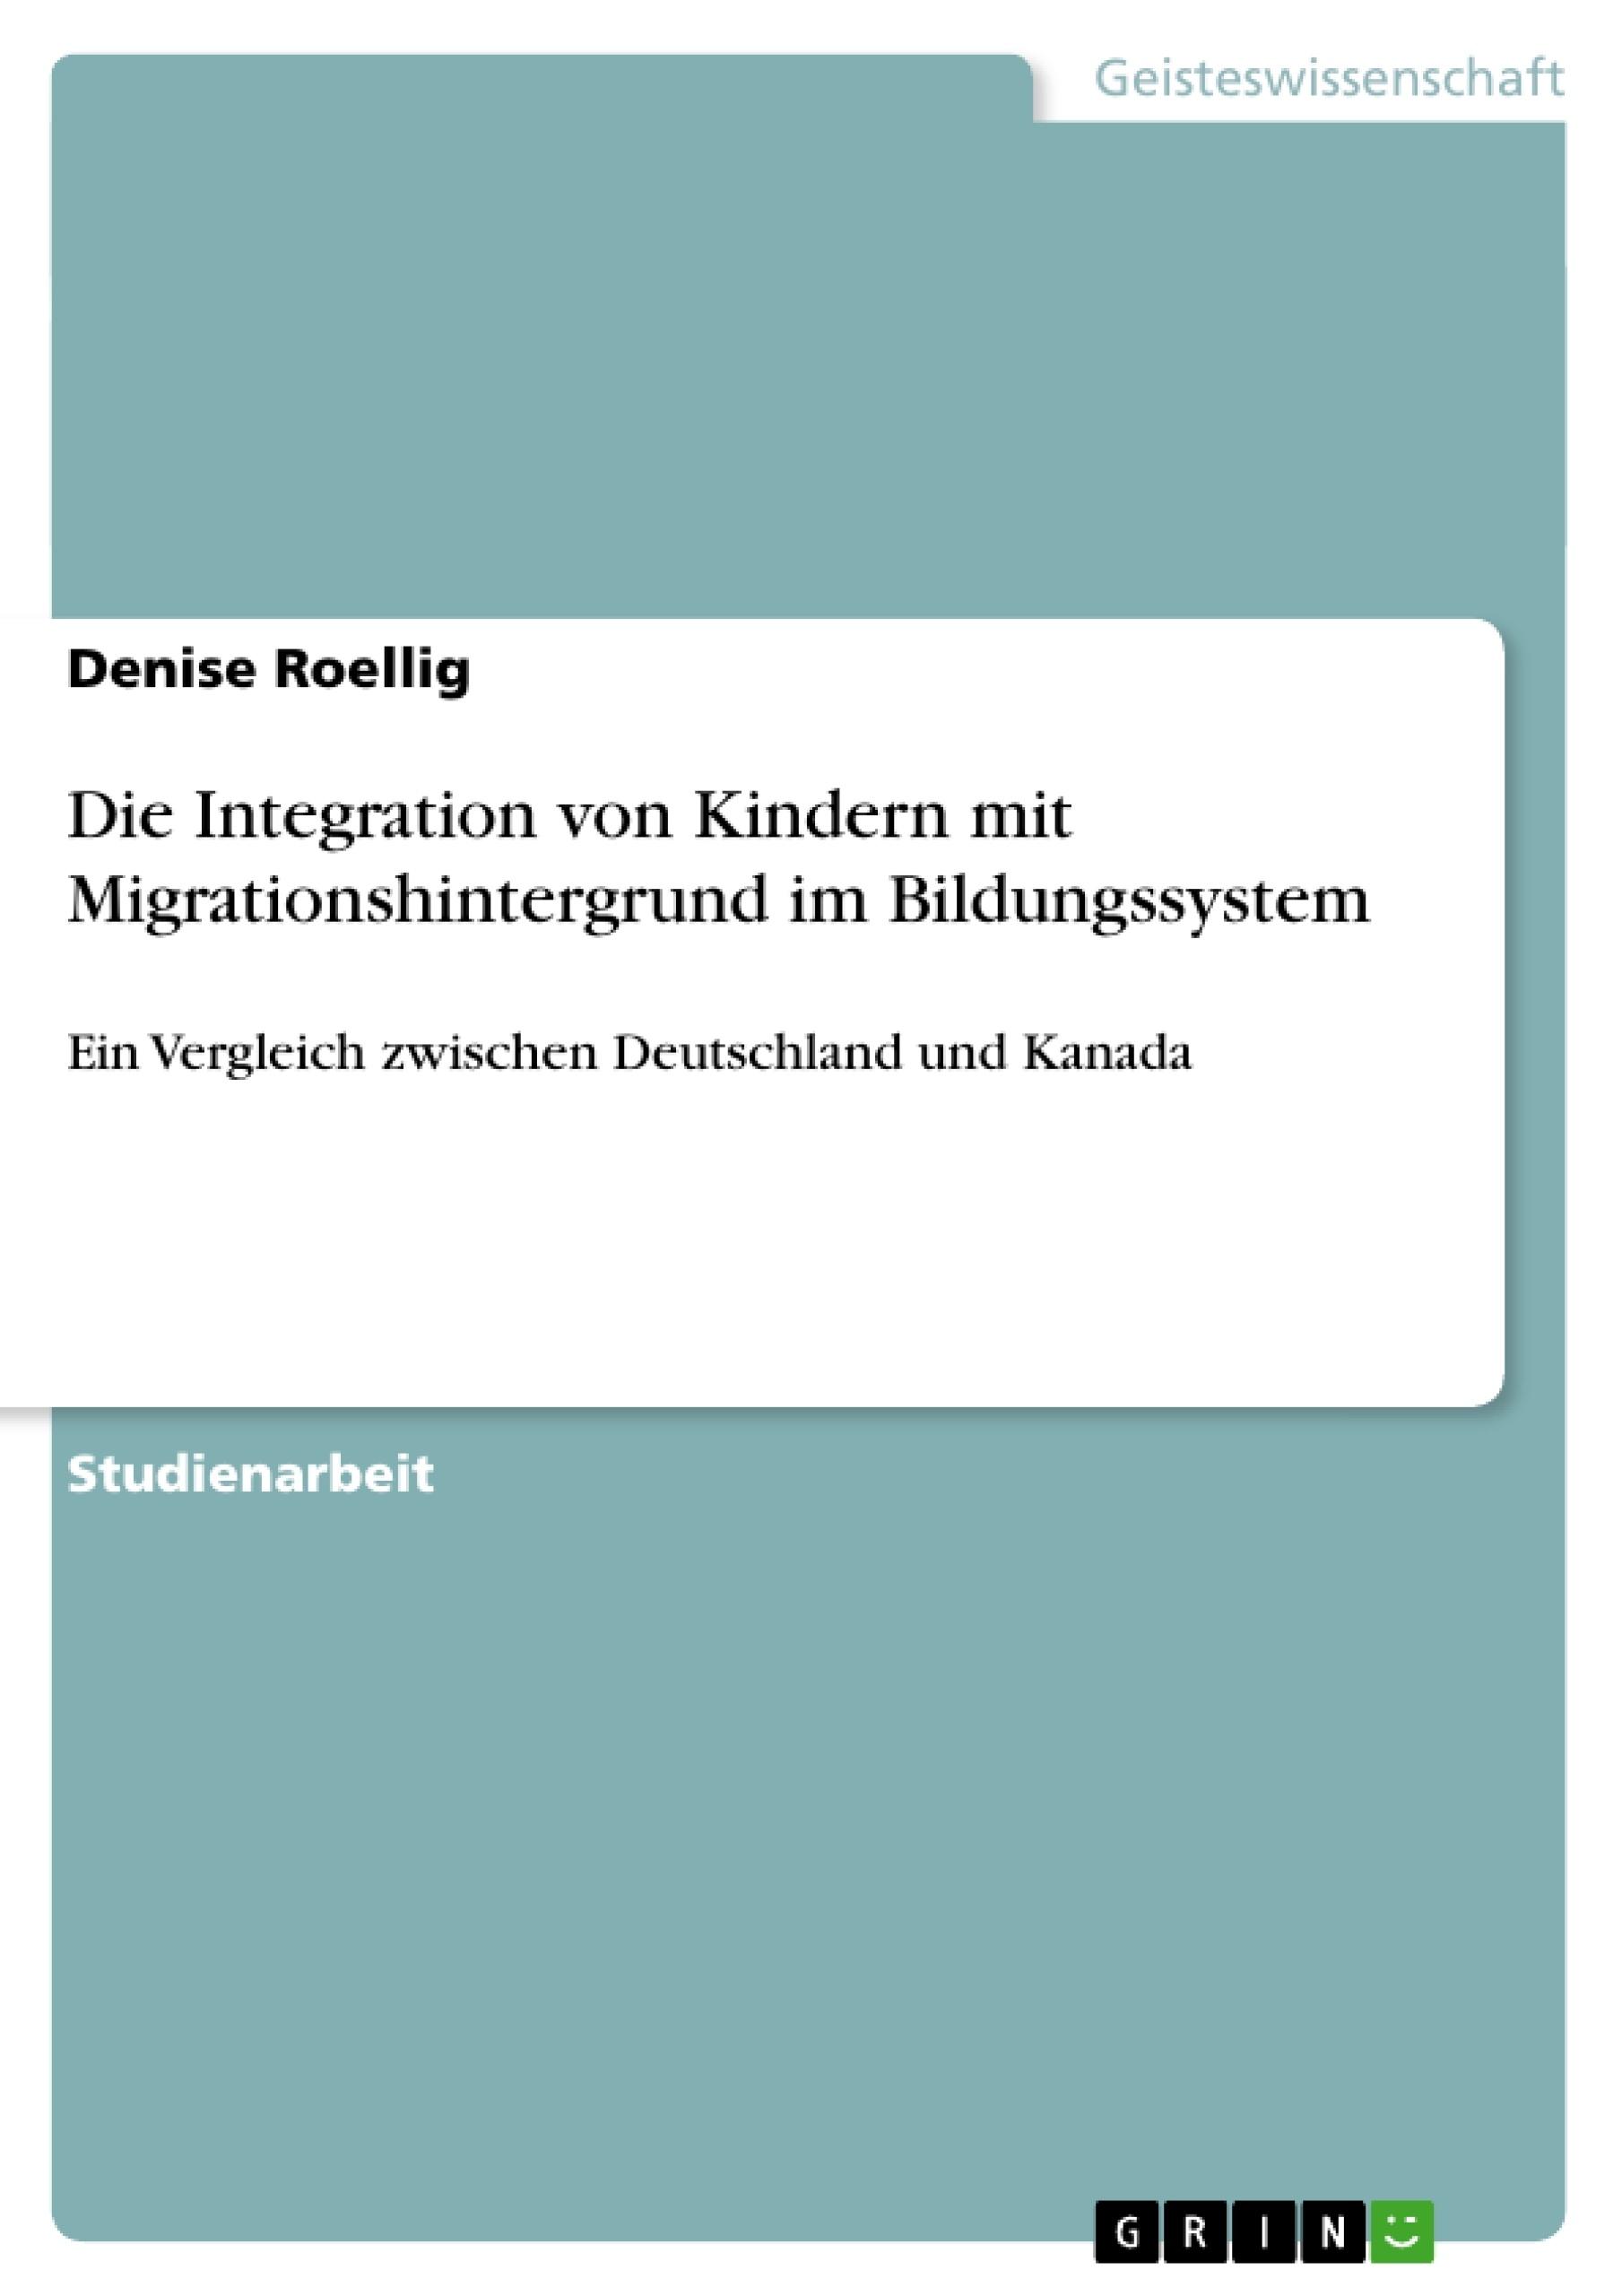 Titel: Die Integration von Kindern mit Migrationshintergrund im Bildungssystem